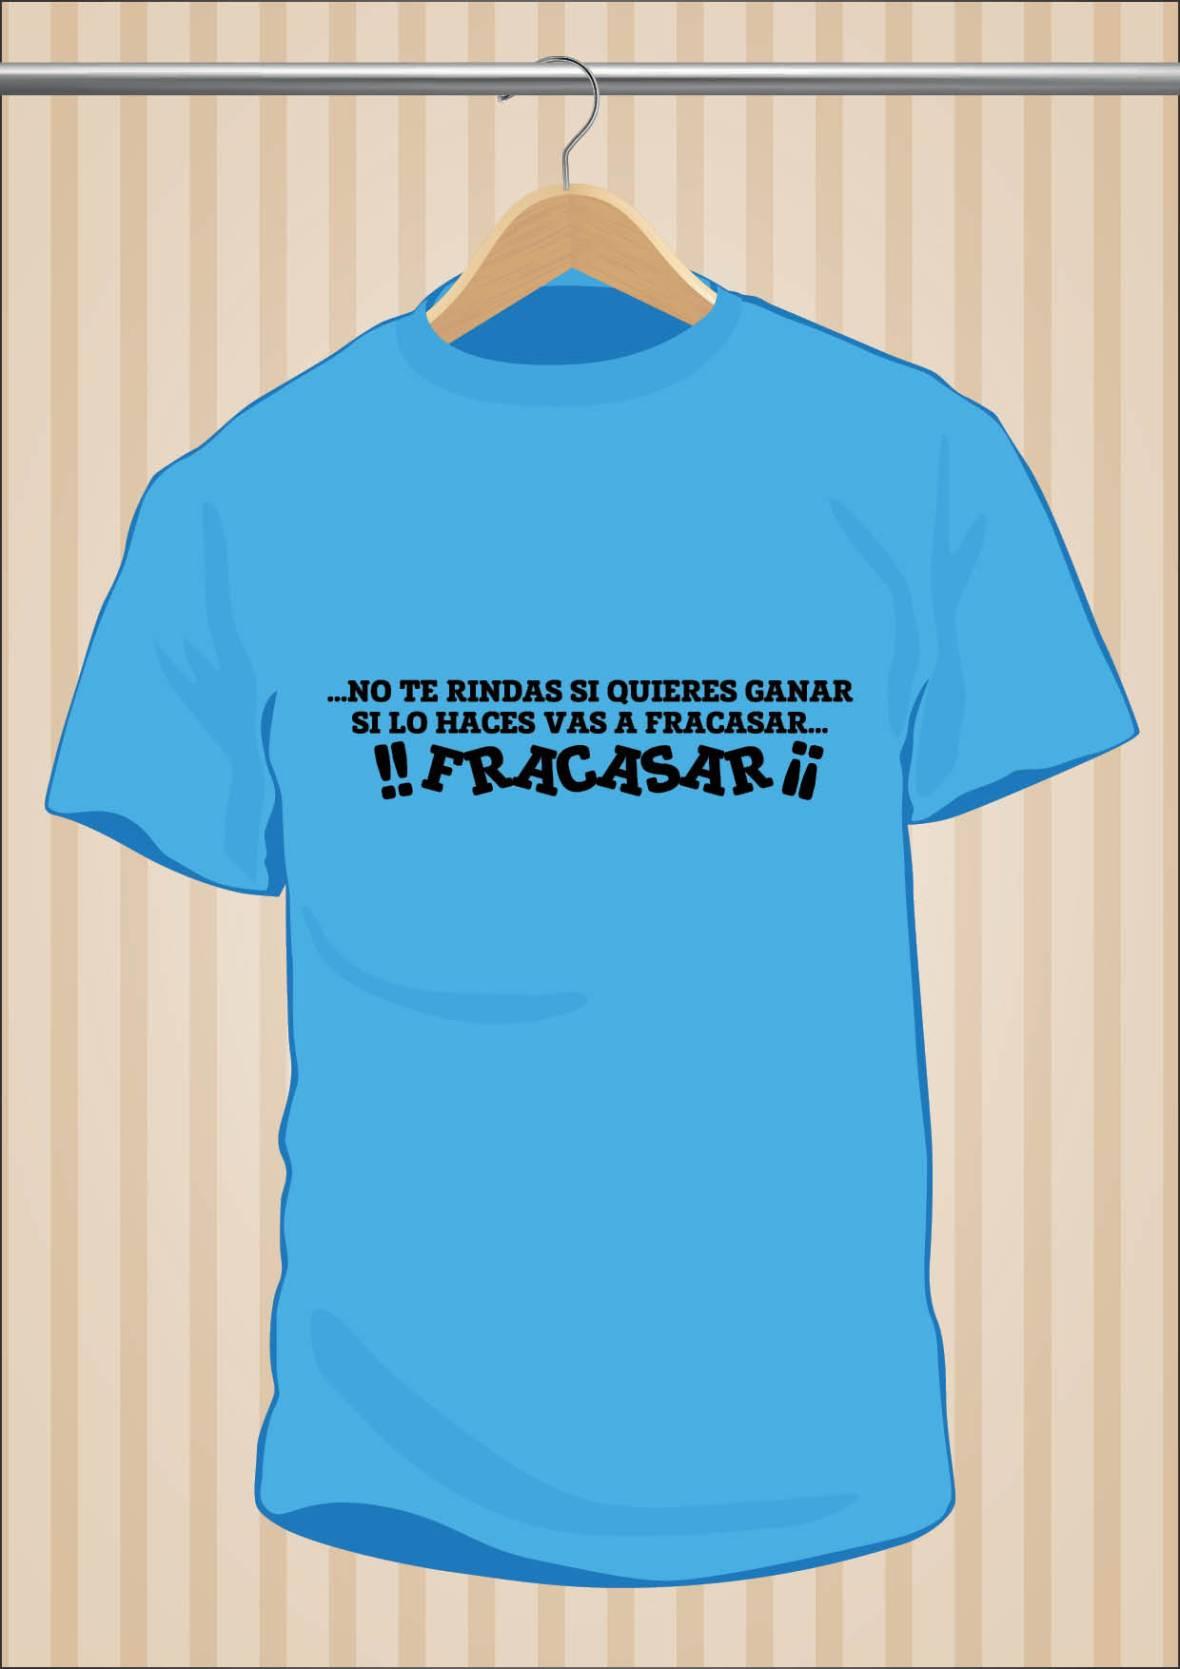 Camiseta Flos Mariae No Te Rindas Si Quieres Ganar Si Lo Haces Vas a Fracasar - UppStudio